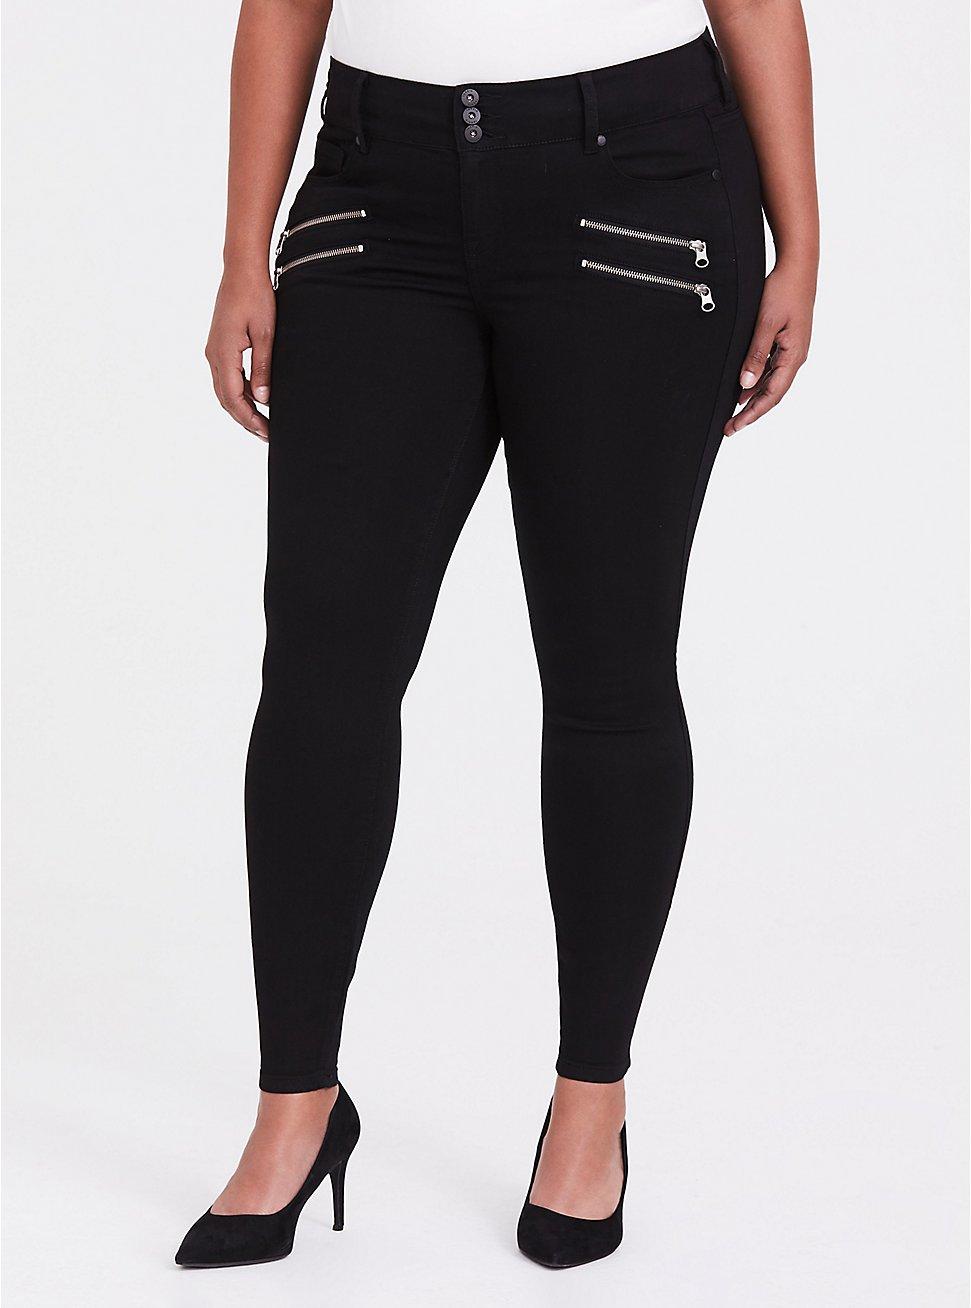 Jegging - Super Stretch Black, BLACK, hi-res